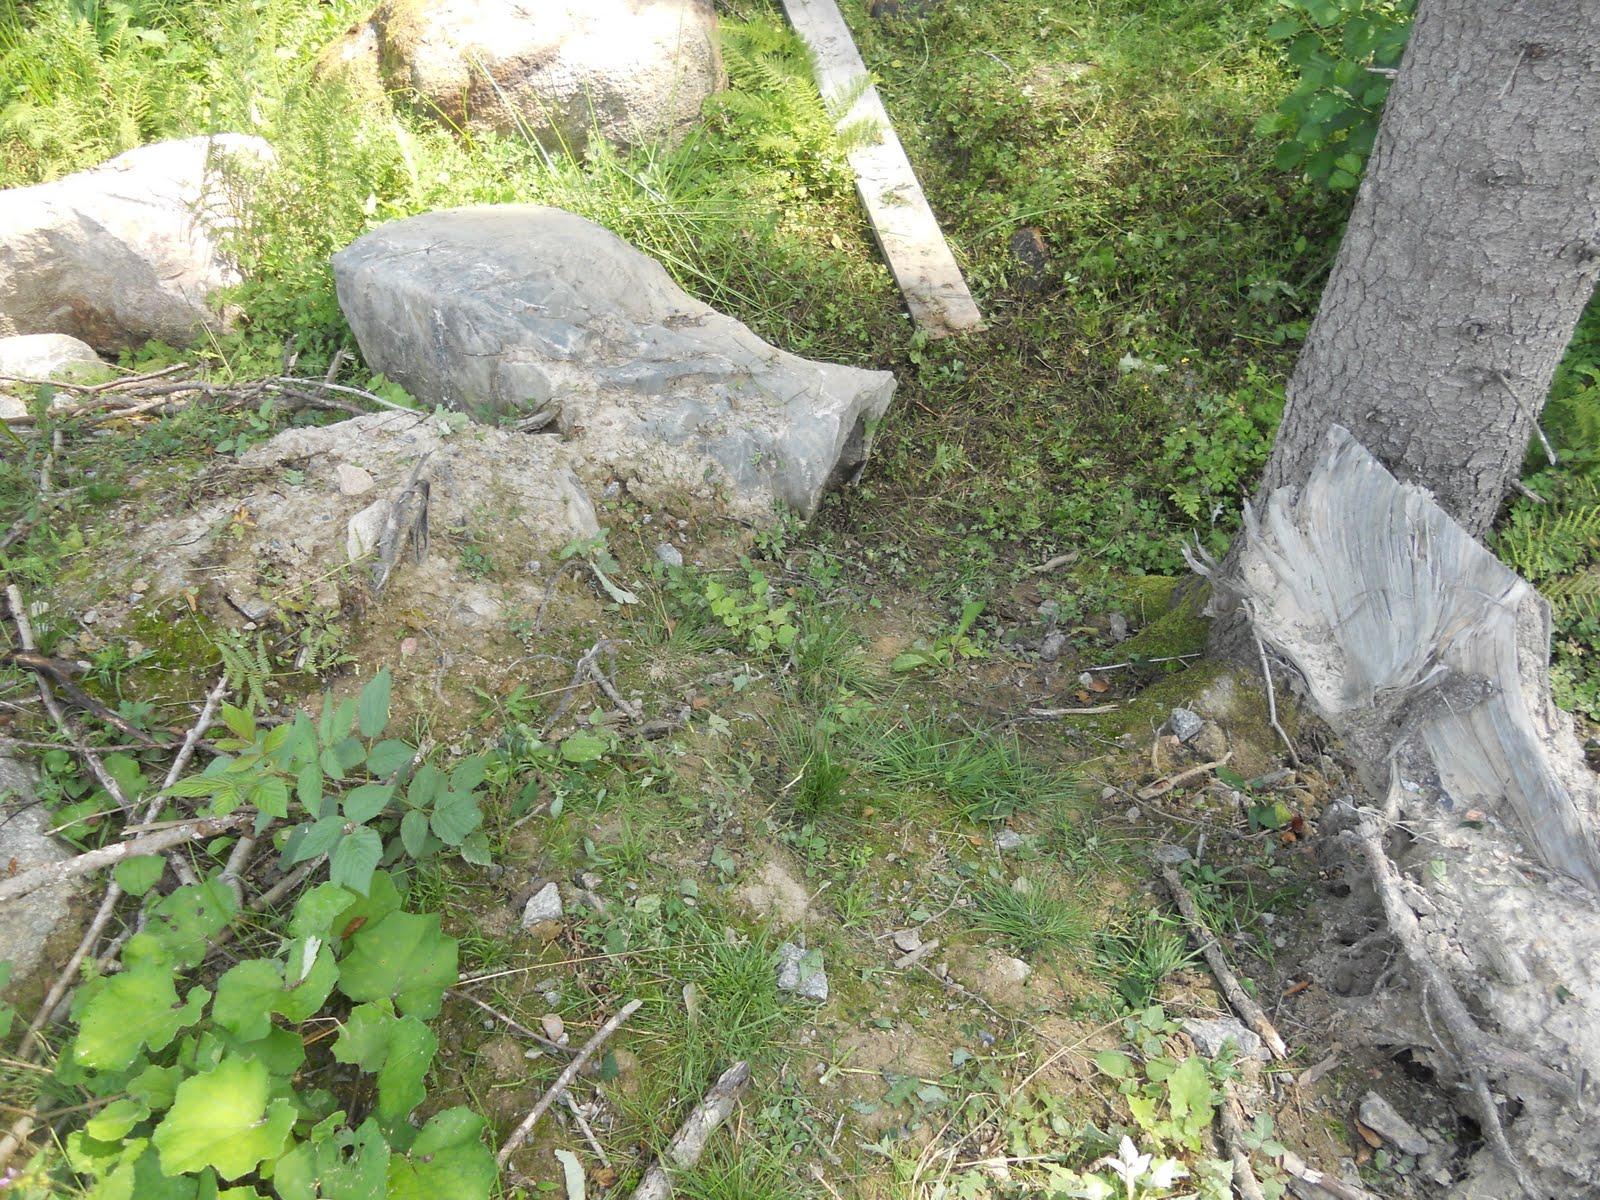 Ullevidsdal: Bro av spillvirke och pergolatak